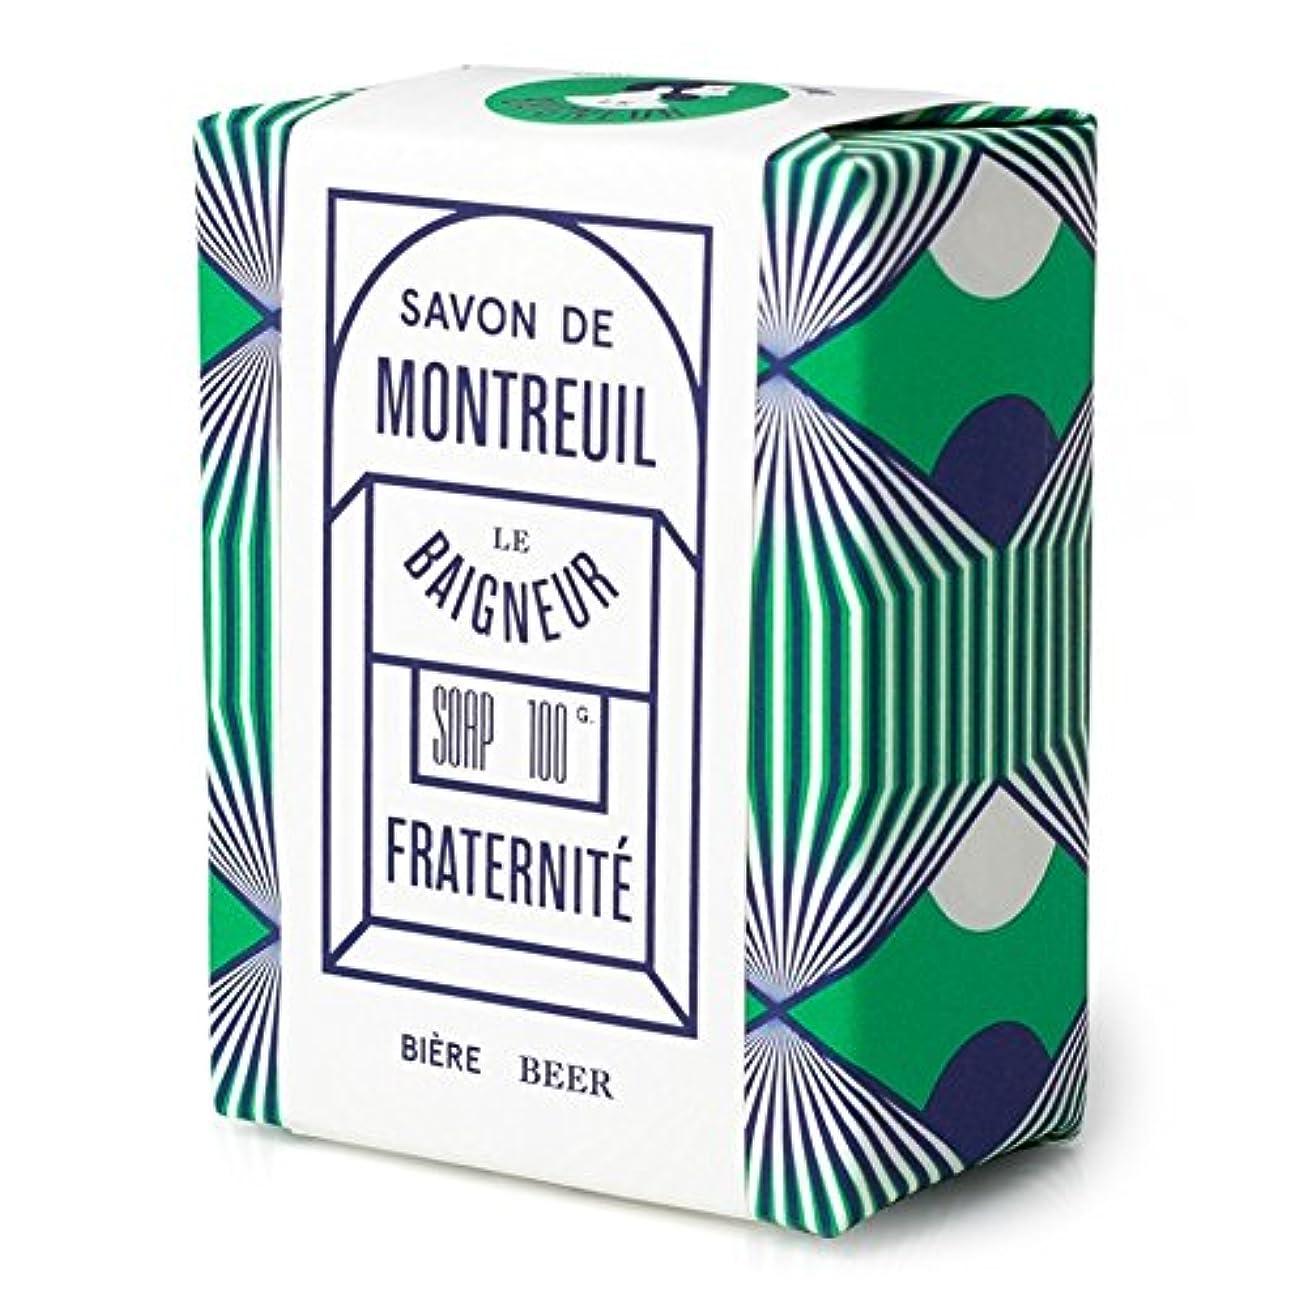 ファーザーファージュ航空機かき混ぜるル 石鹸100グラム x2 - Le Baigneur Fraternite Soap 100g (Pack of 2) [並行輸入品]